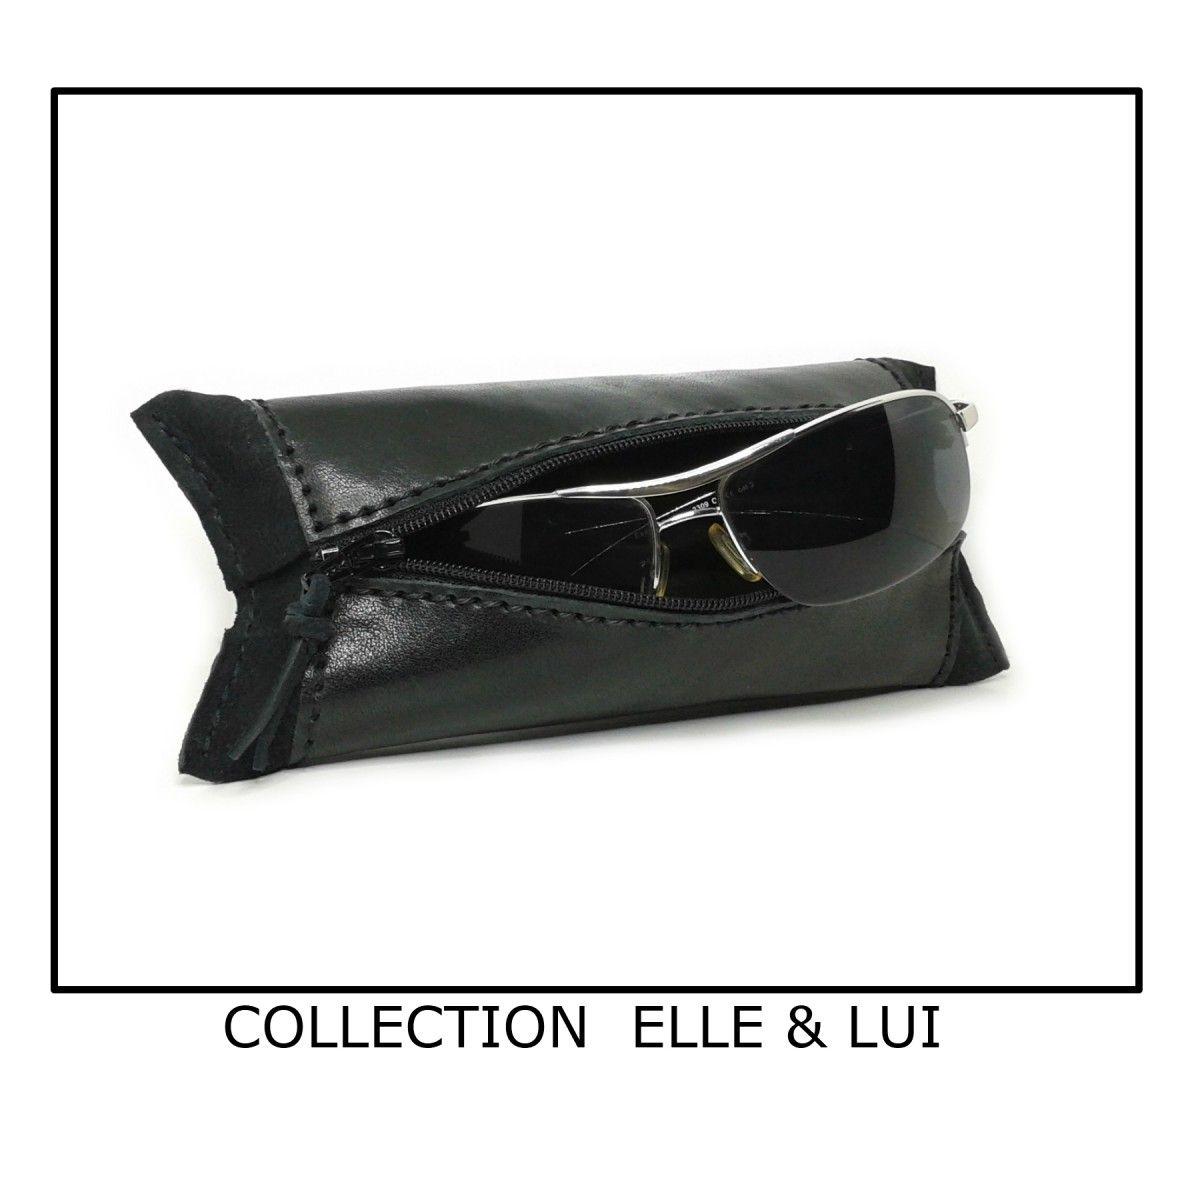 Etui à lunettes en cuir noir - Trousse en cuir noir   Couture laine ... 5060ffc273a